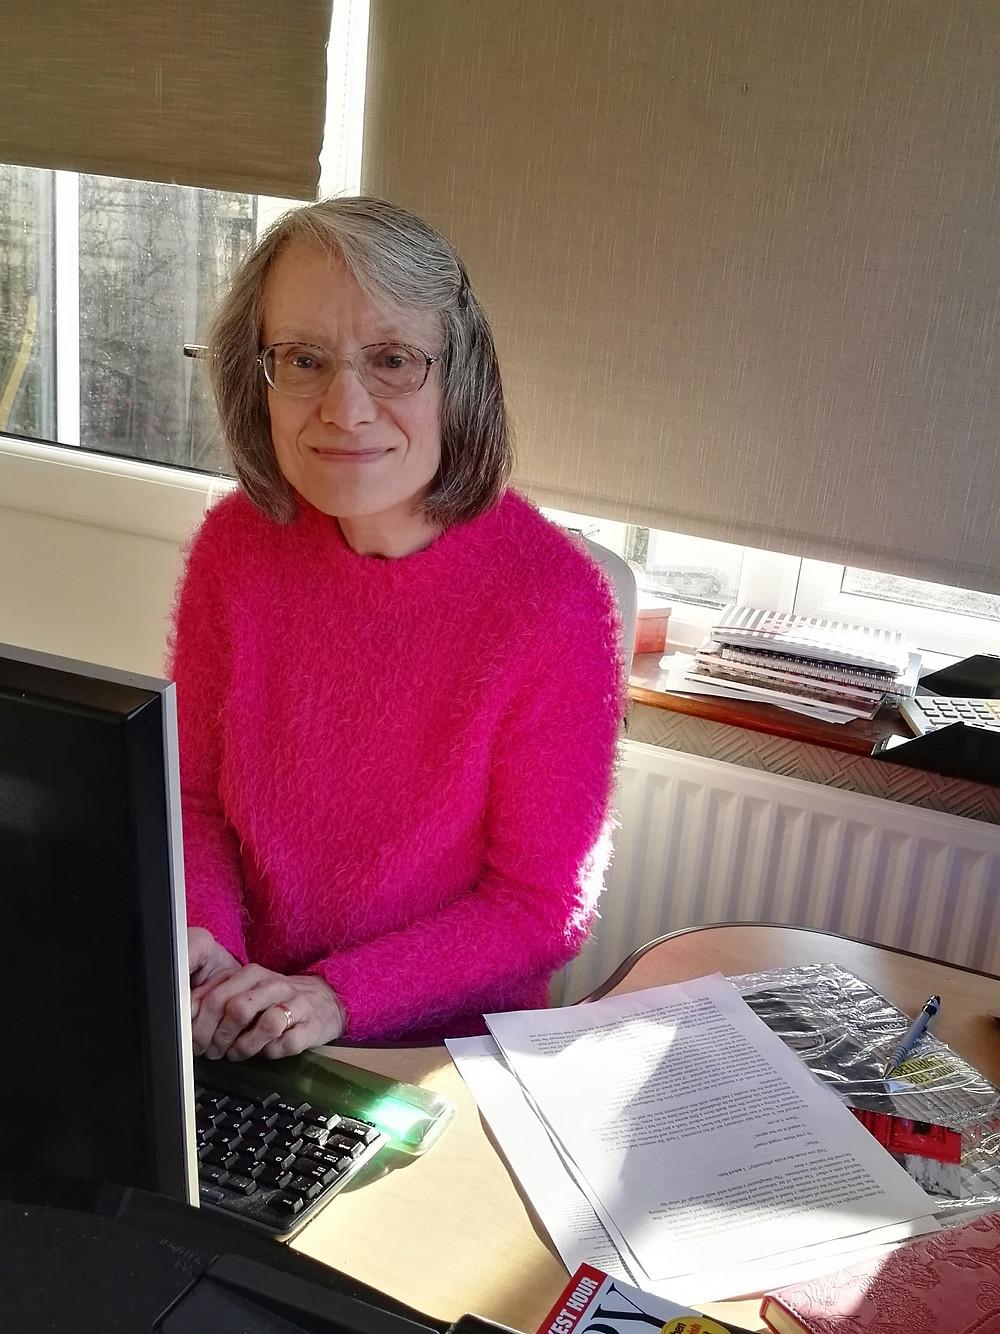 Author Toni Mount